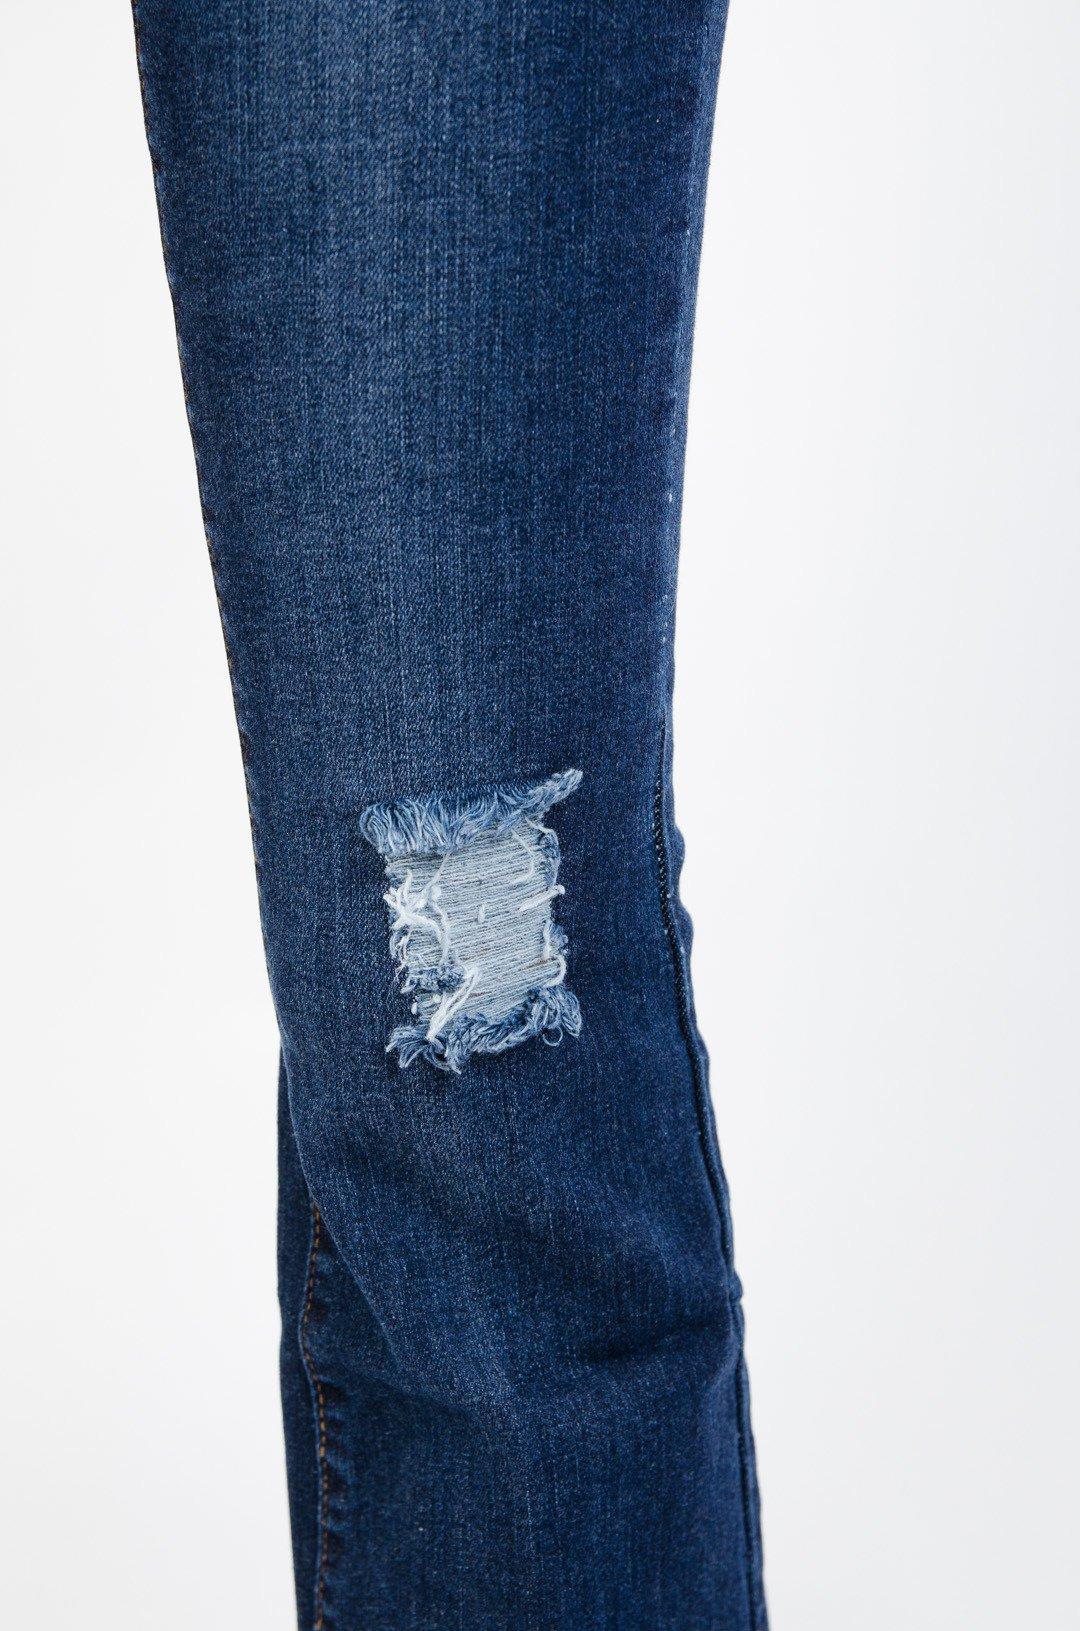 Ciemne spodnie jeansowe dzwony z poszarpaną nogawką